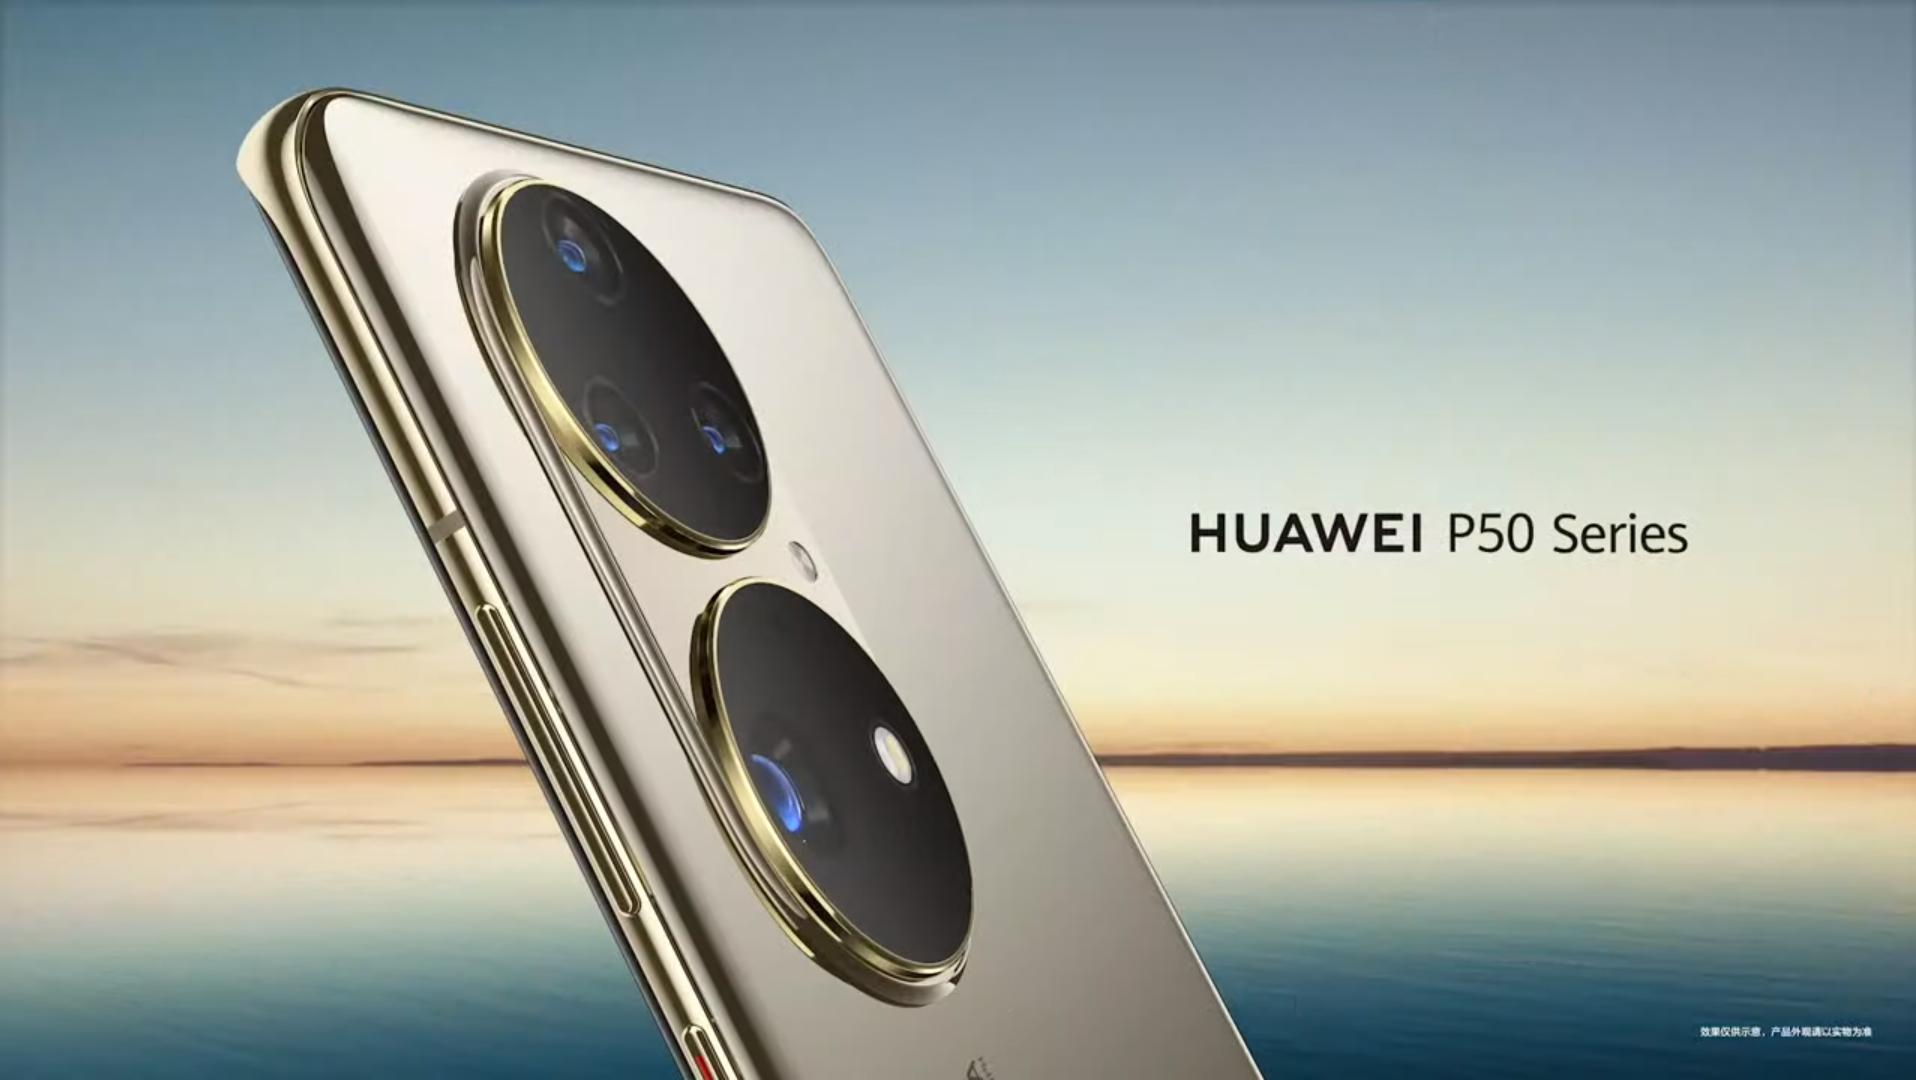 Huawei P50 Series - P50 Pro - P50